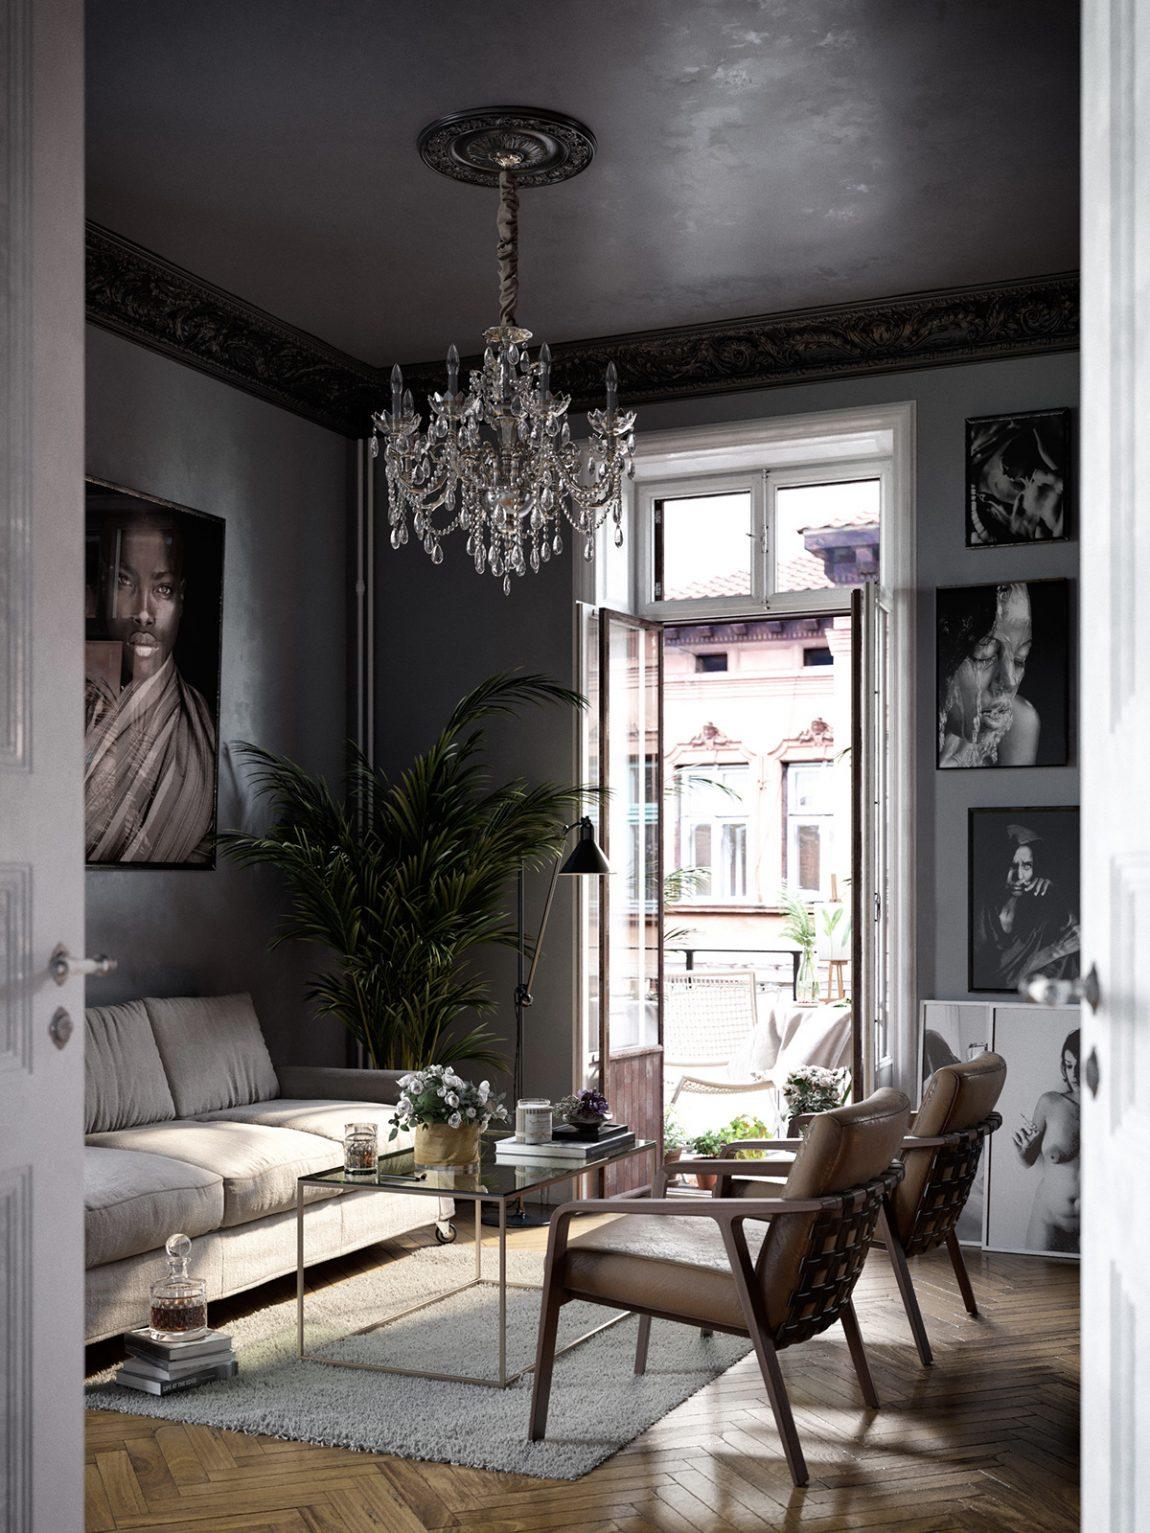 Woonkamer met een eclectisch interieur en een zwart for Klassiek moderne inrichting